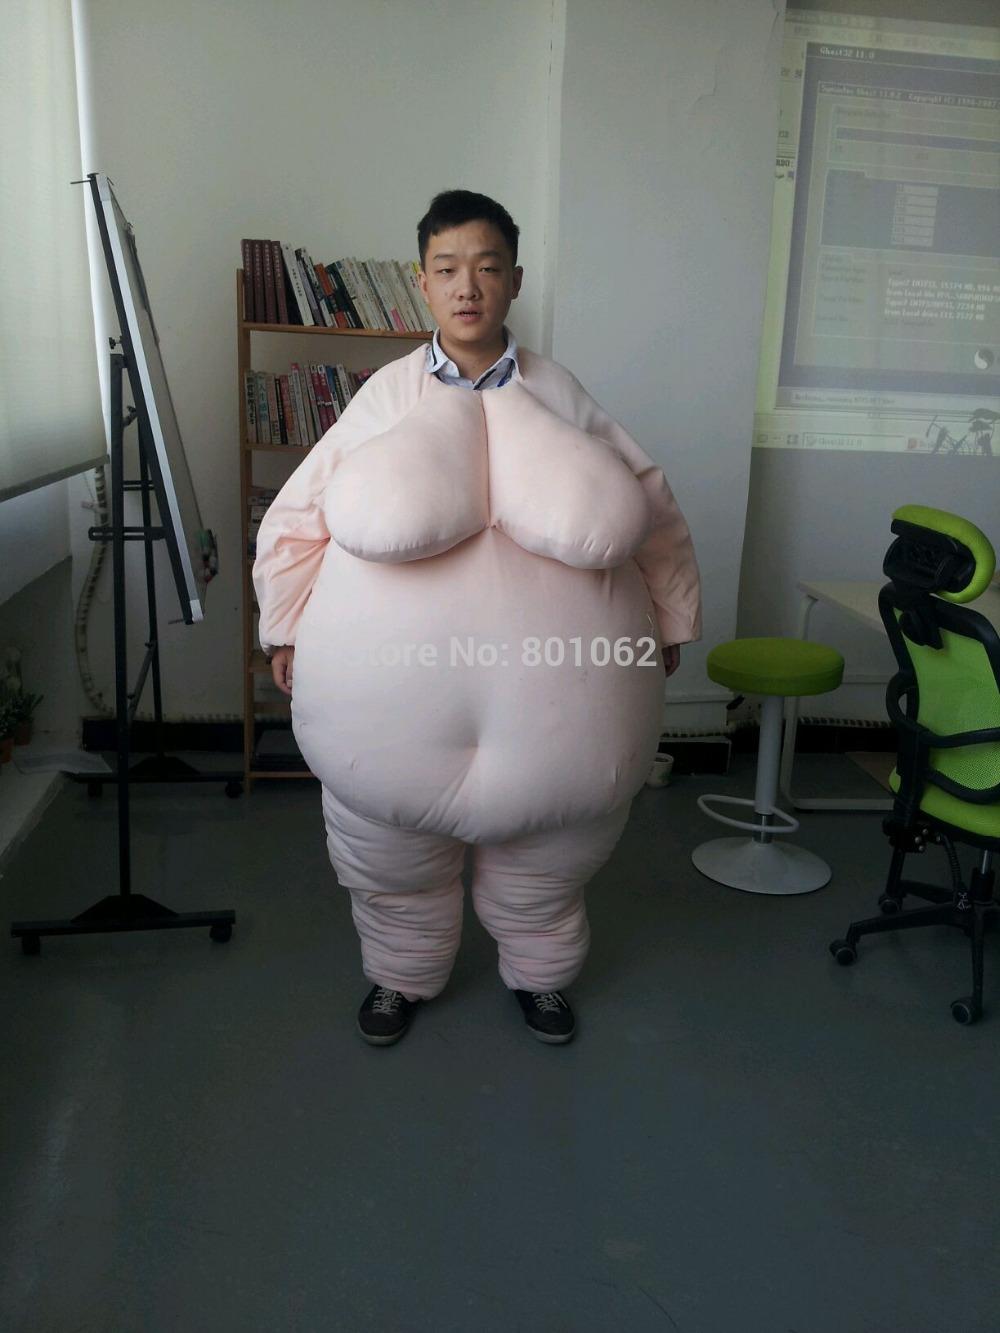 Buy a fat suit